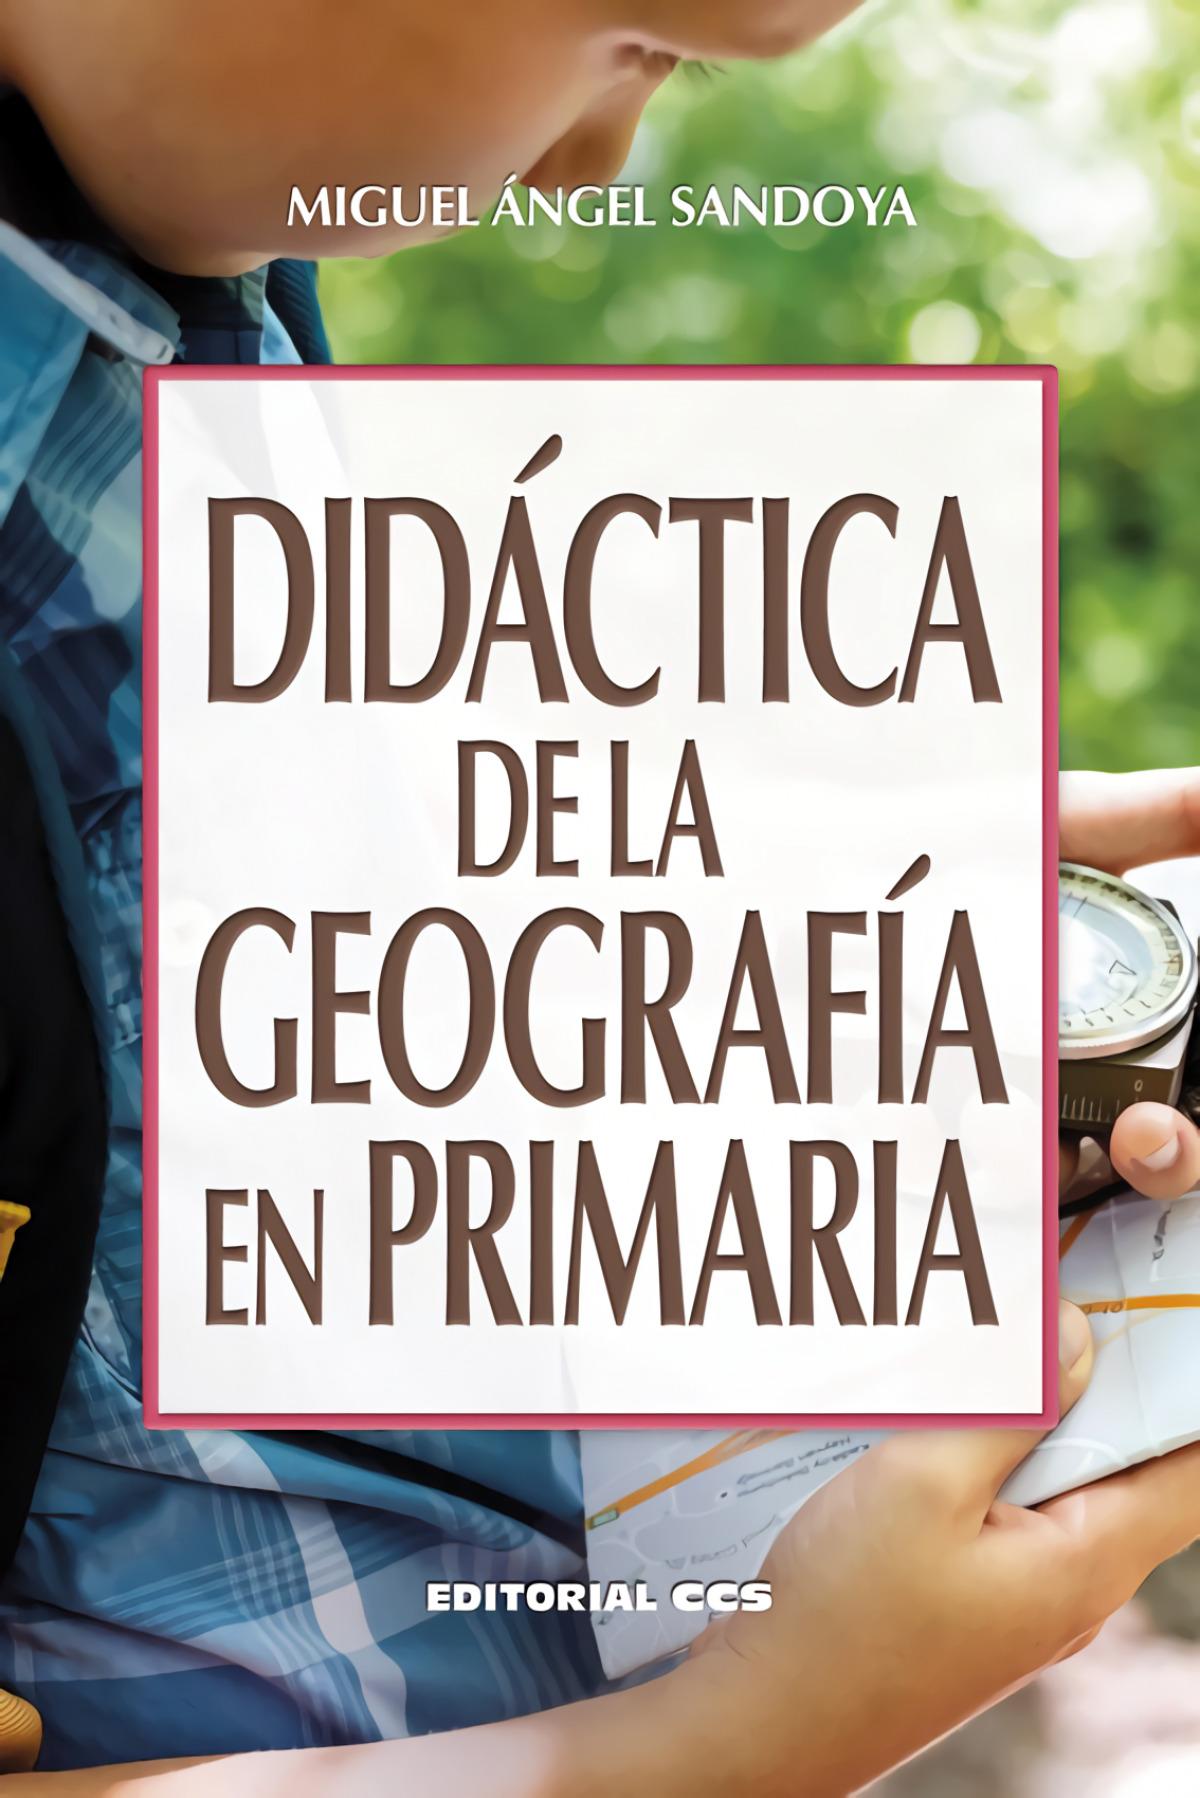 DIDACTICA DE LA GEOGRAFIA EN PRIMARIA